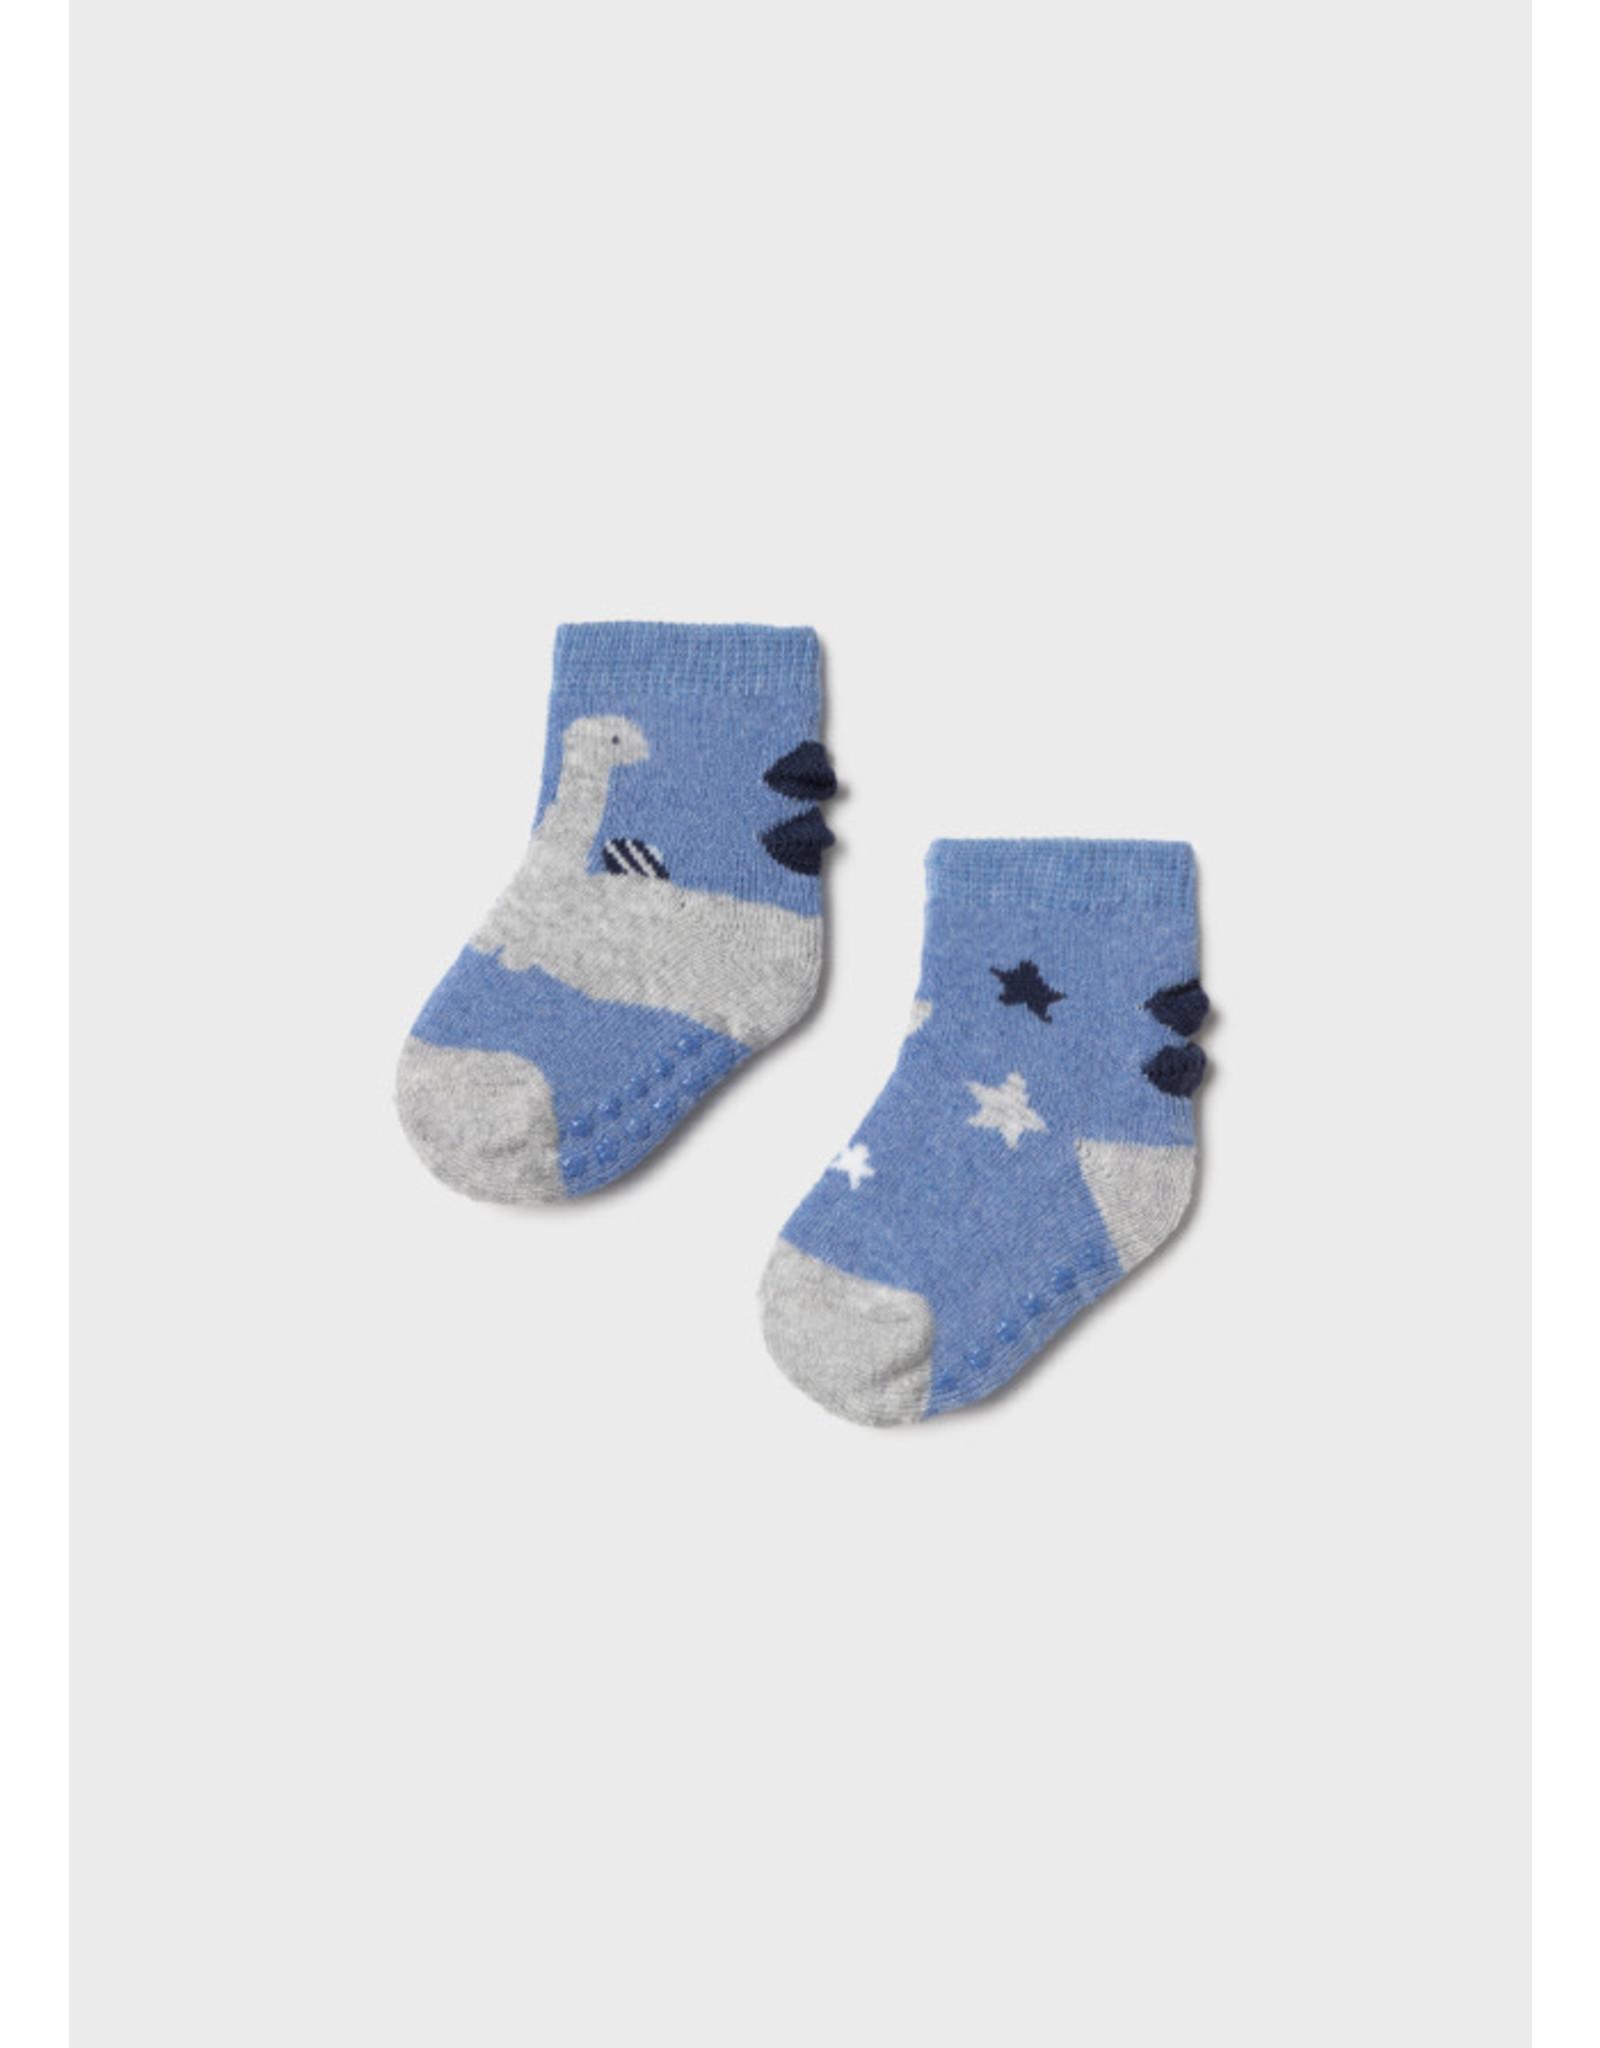 Mayoral Non-slip Socks - Dino Blue (0-18M)